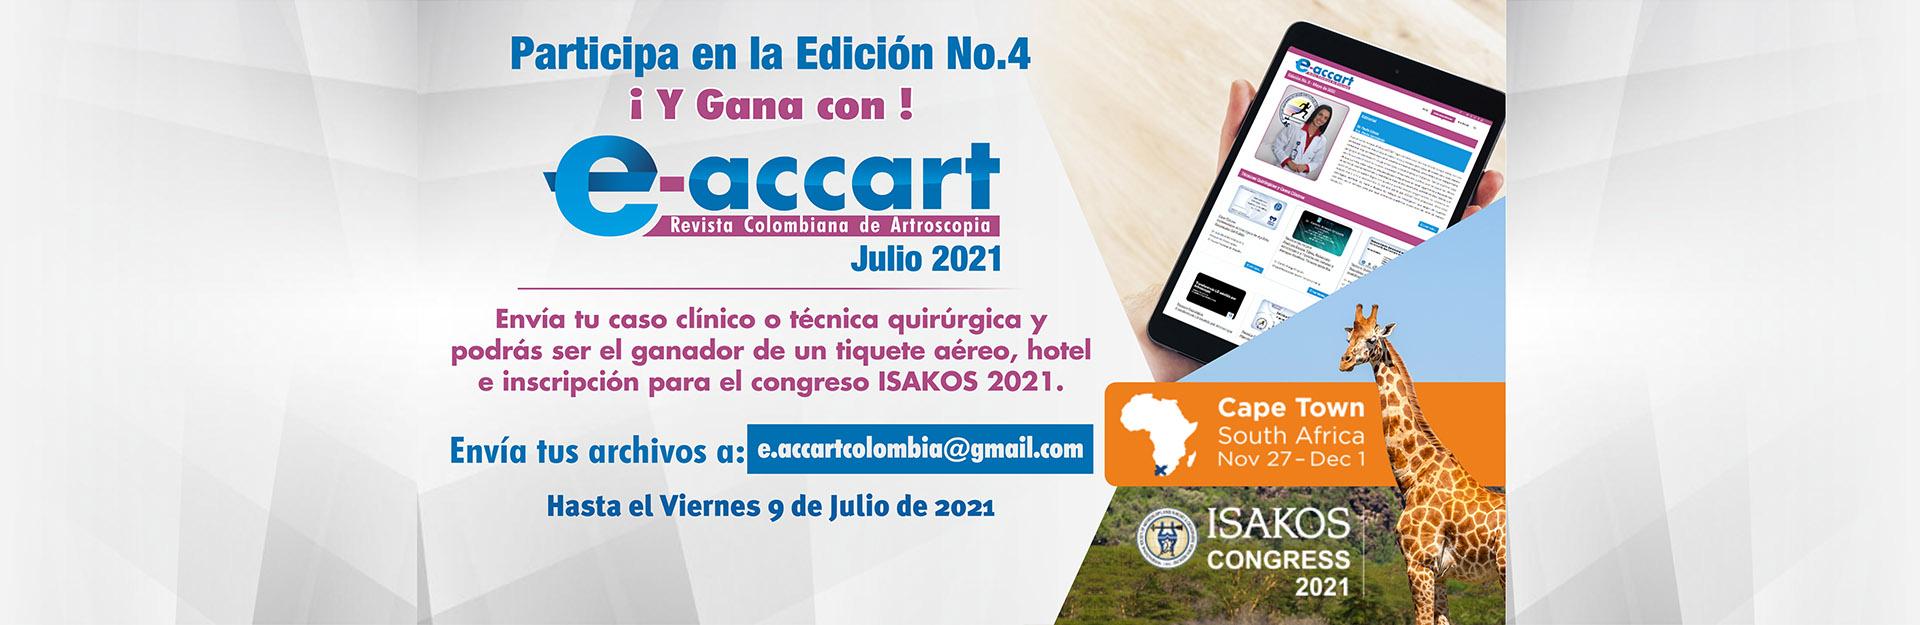 back_e-accart_02